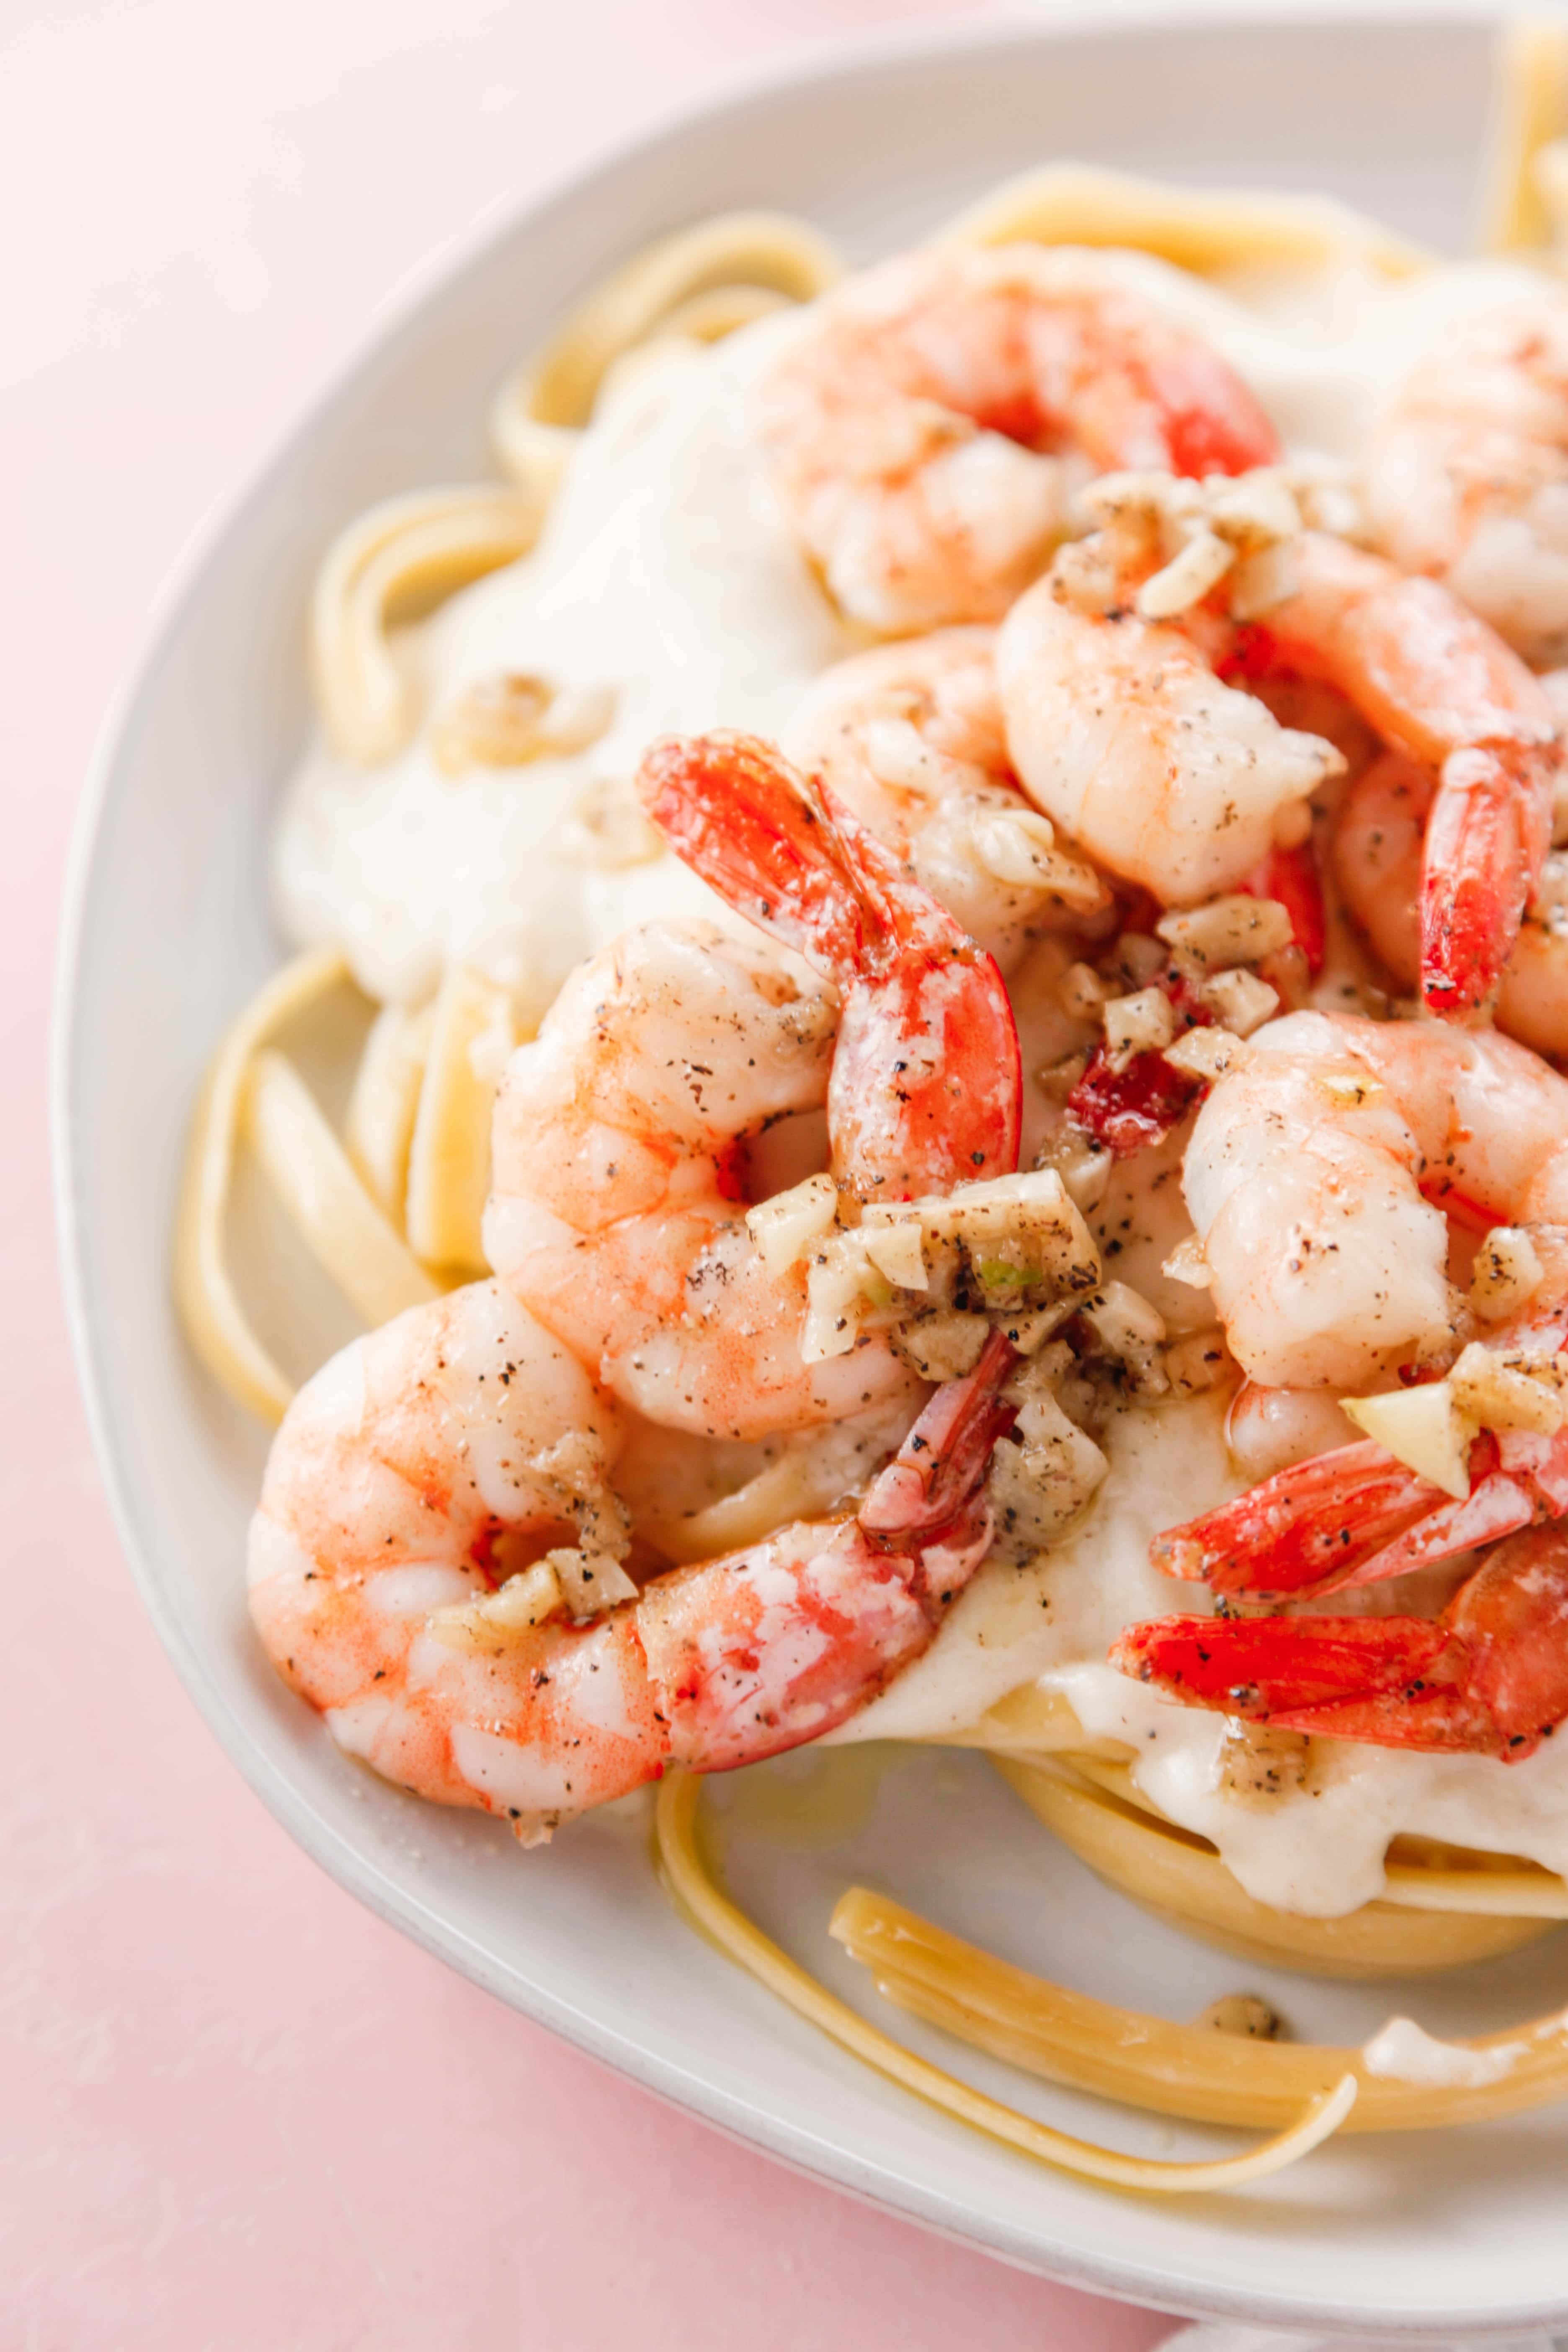 Garlicky Shrimp Fettuccine Alfredo on a white plate.